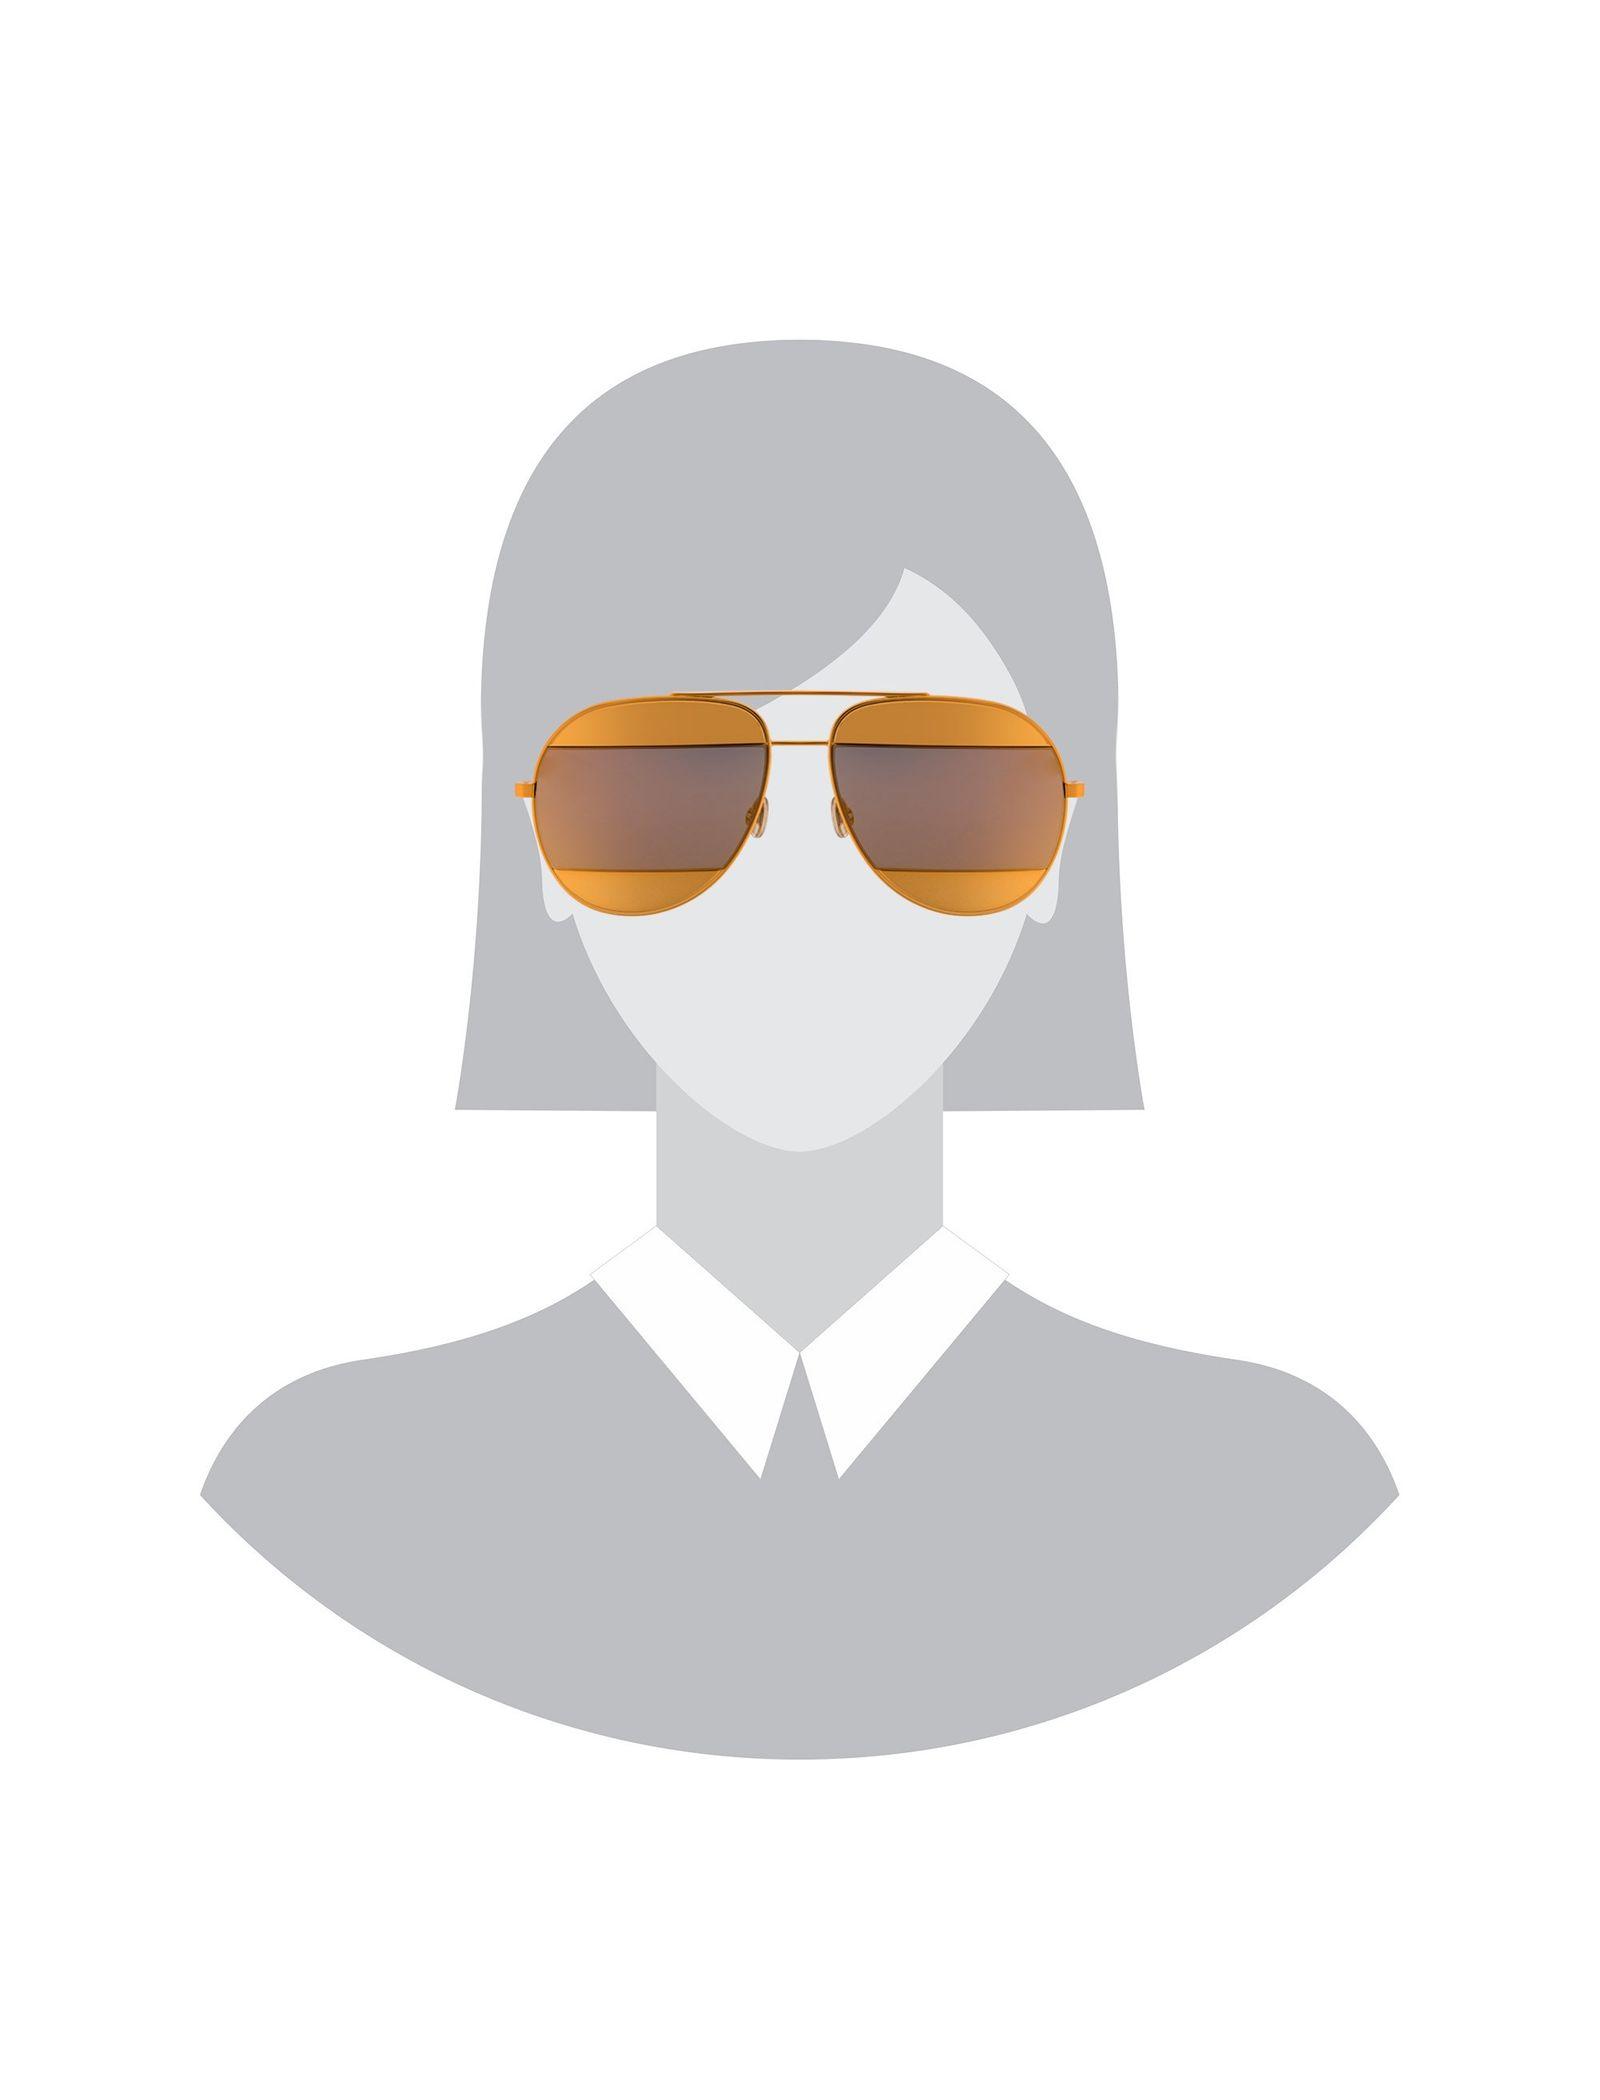 عینک آفتابی خلبانی زنانه - دیور - طلايي  - 5